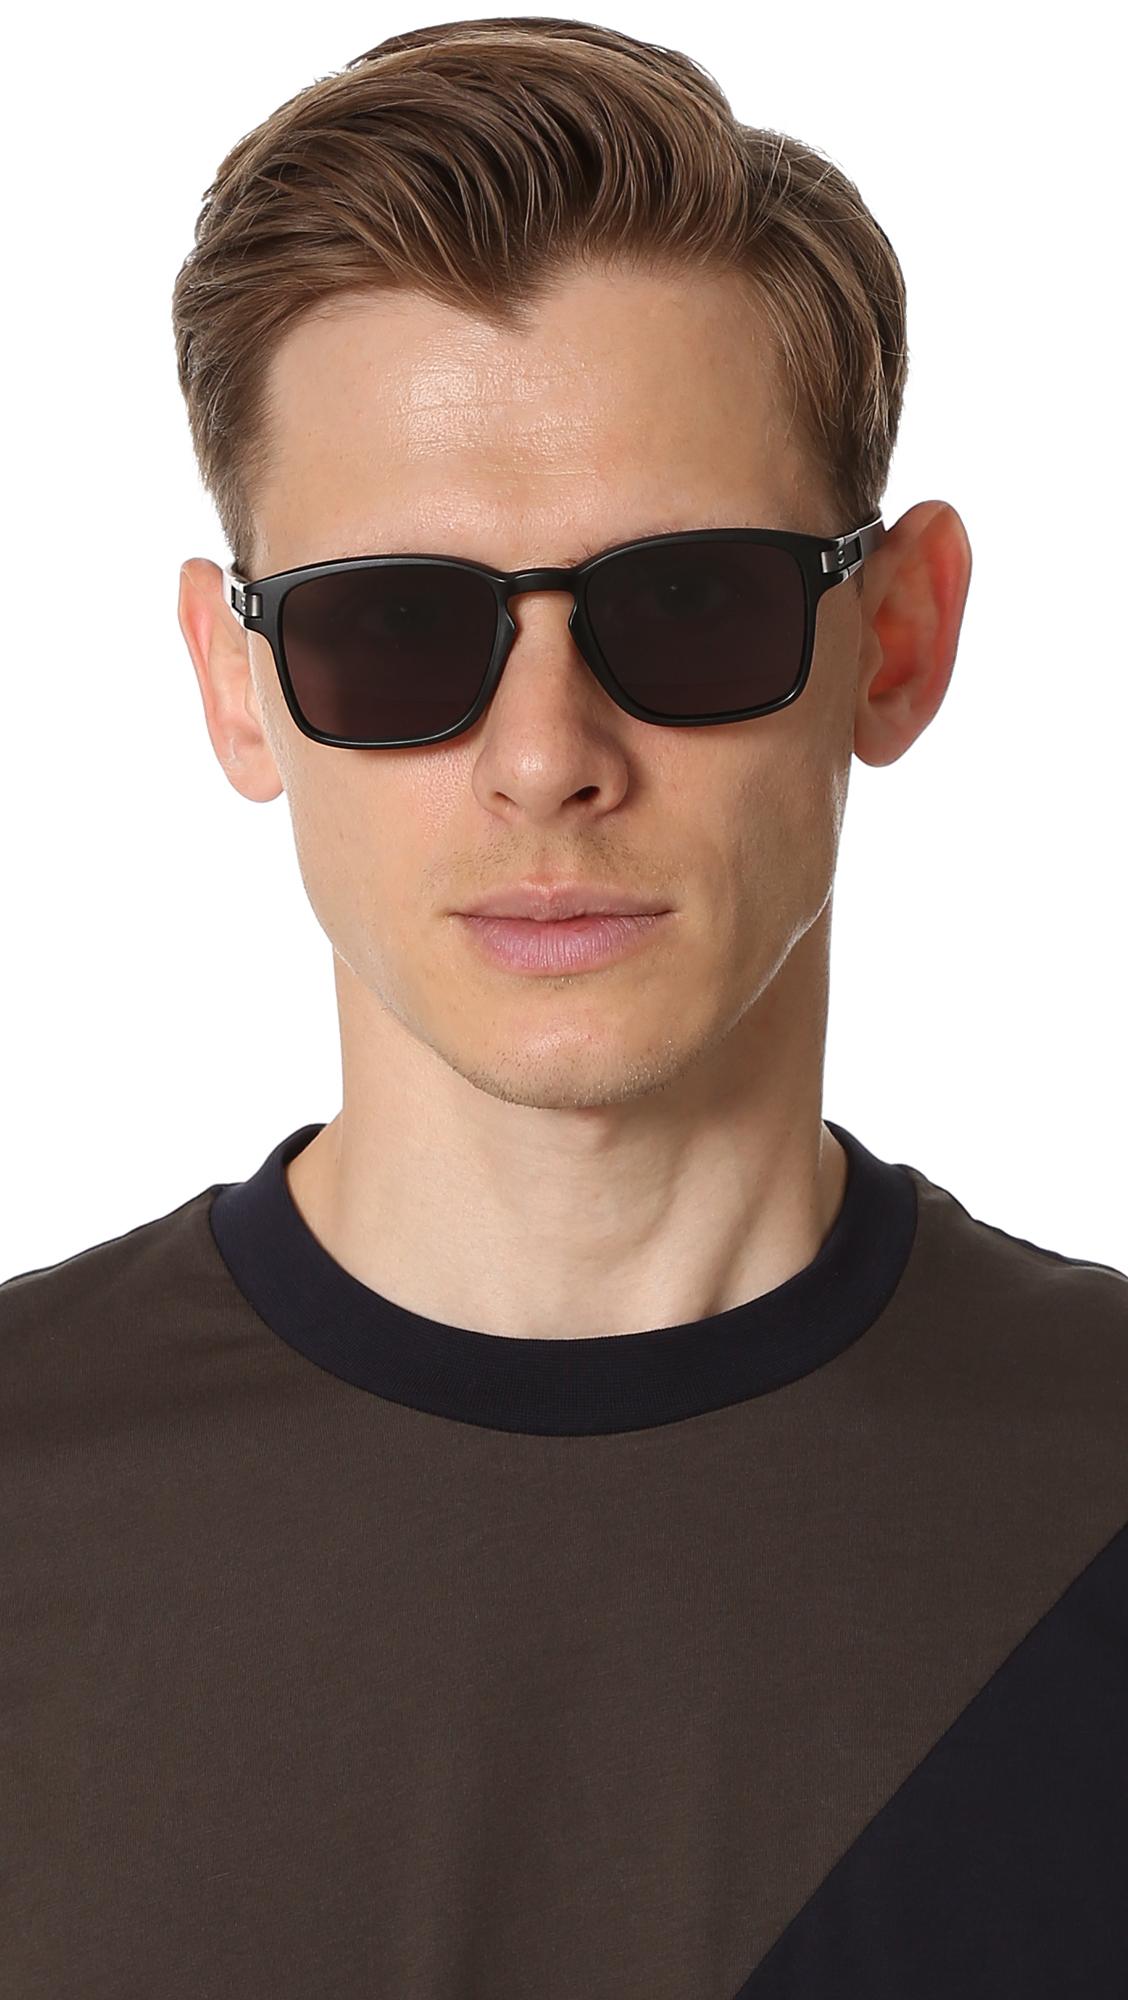 Oakley Latch Square Sunglasses for Men